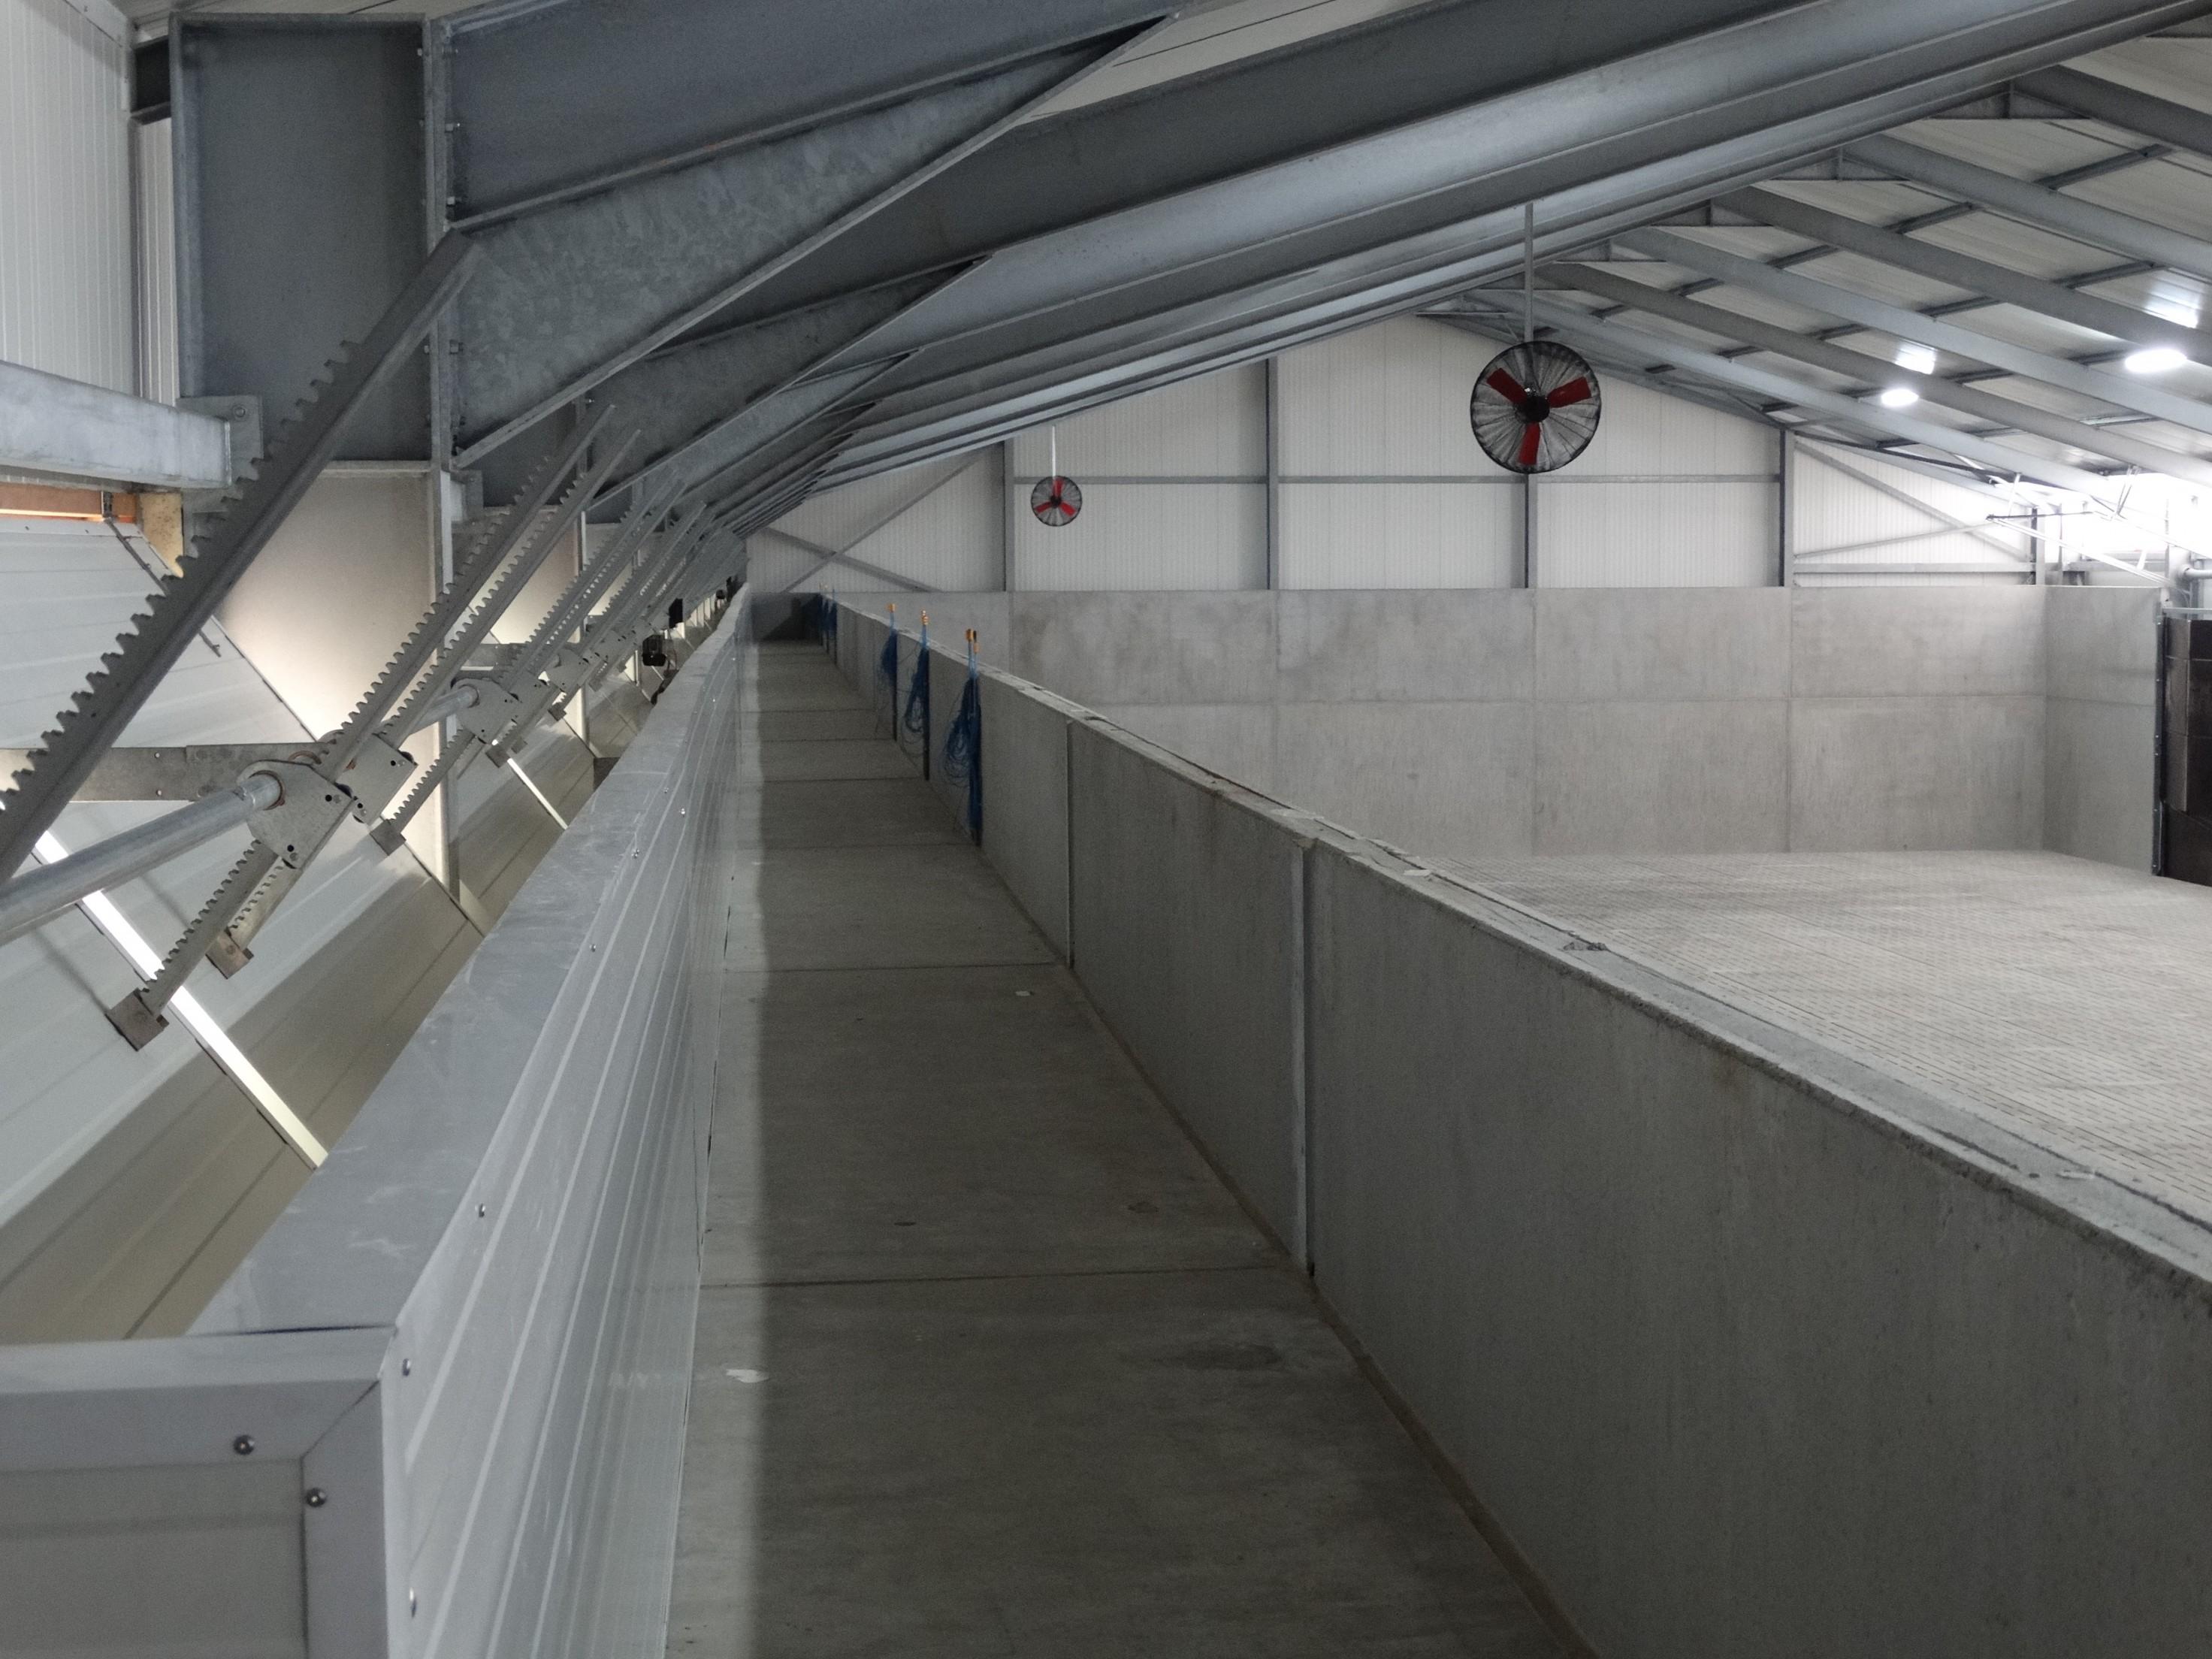 lefevre-Rosseignies-aardappelloods_hangar stockage pommes de terre (14)